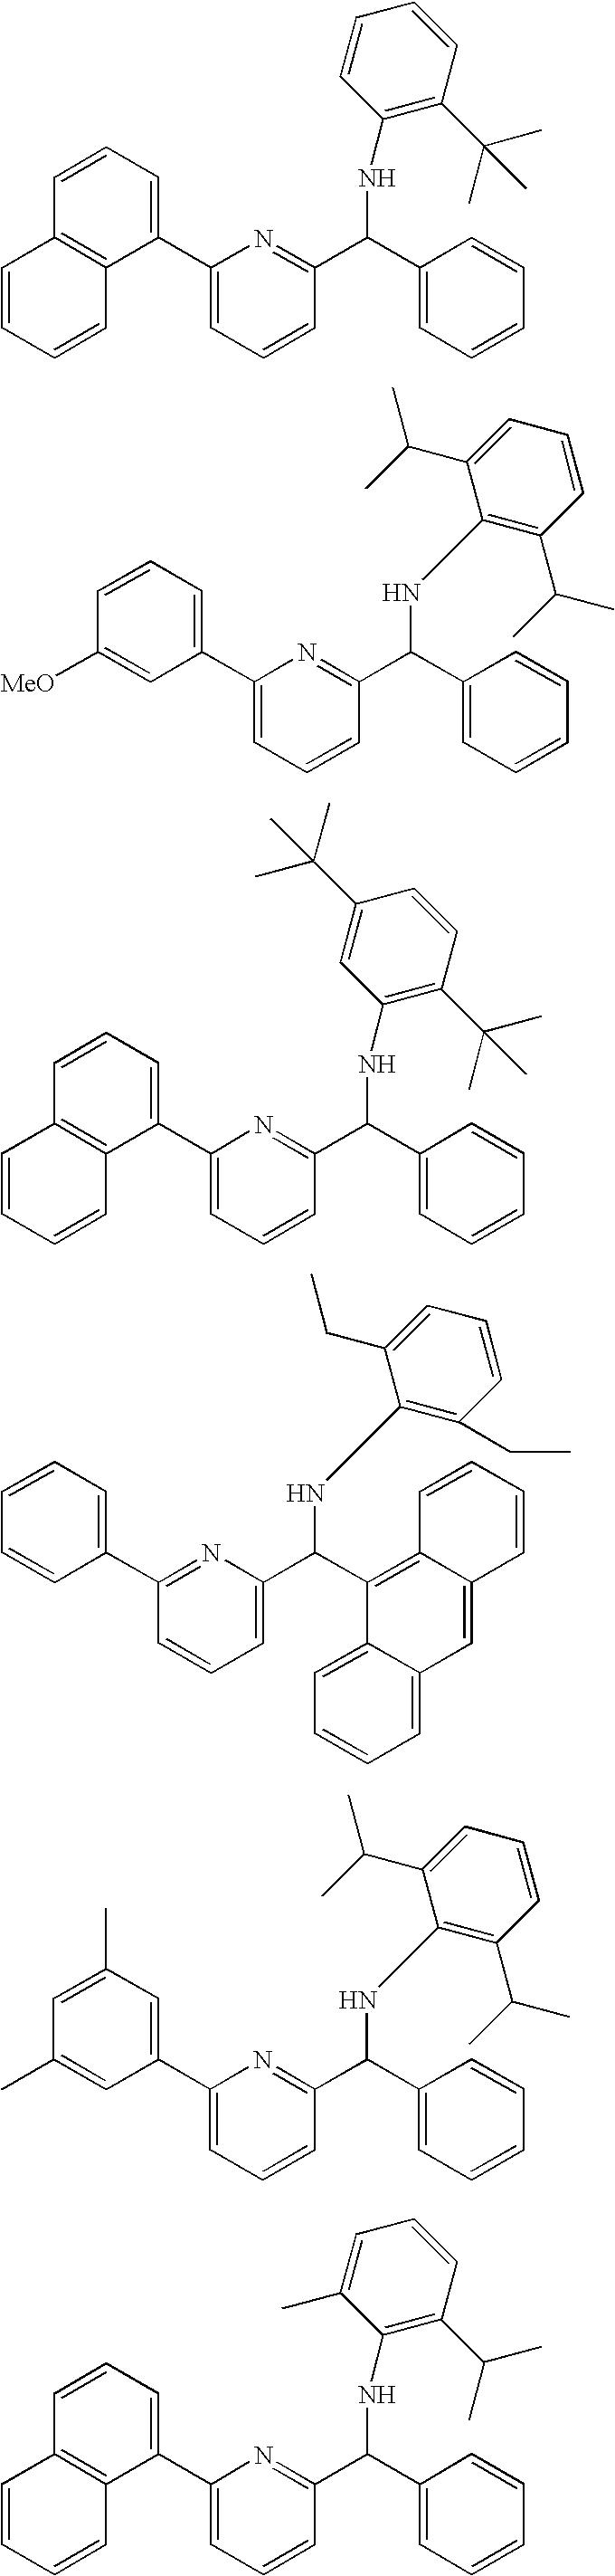 Figure US06900321-20050531-C00021